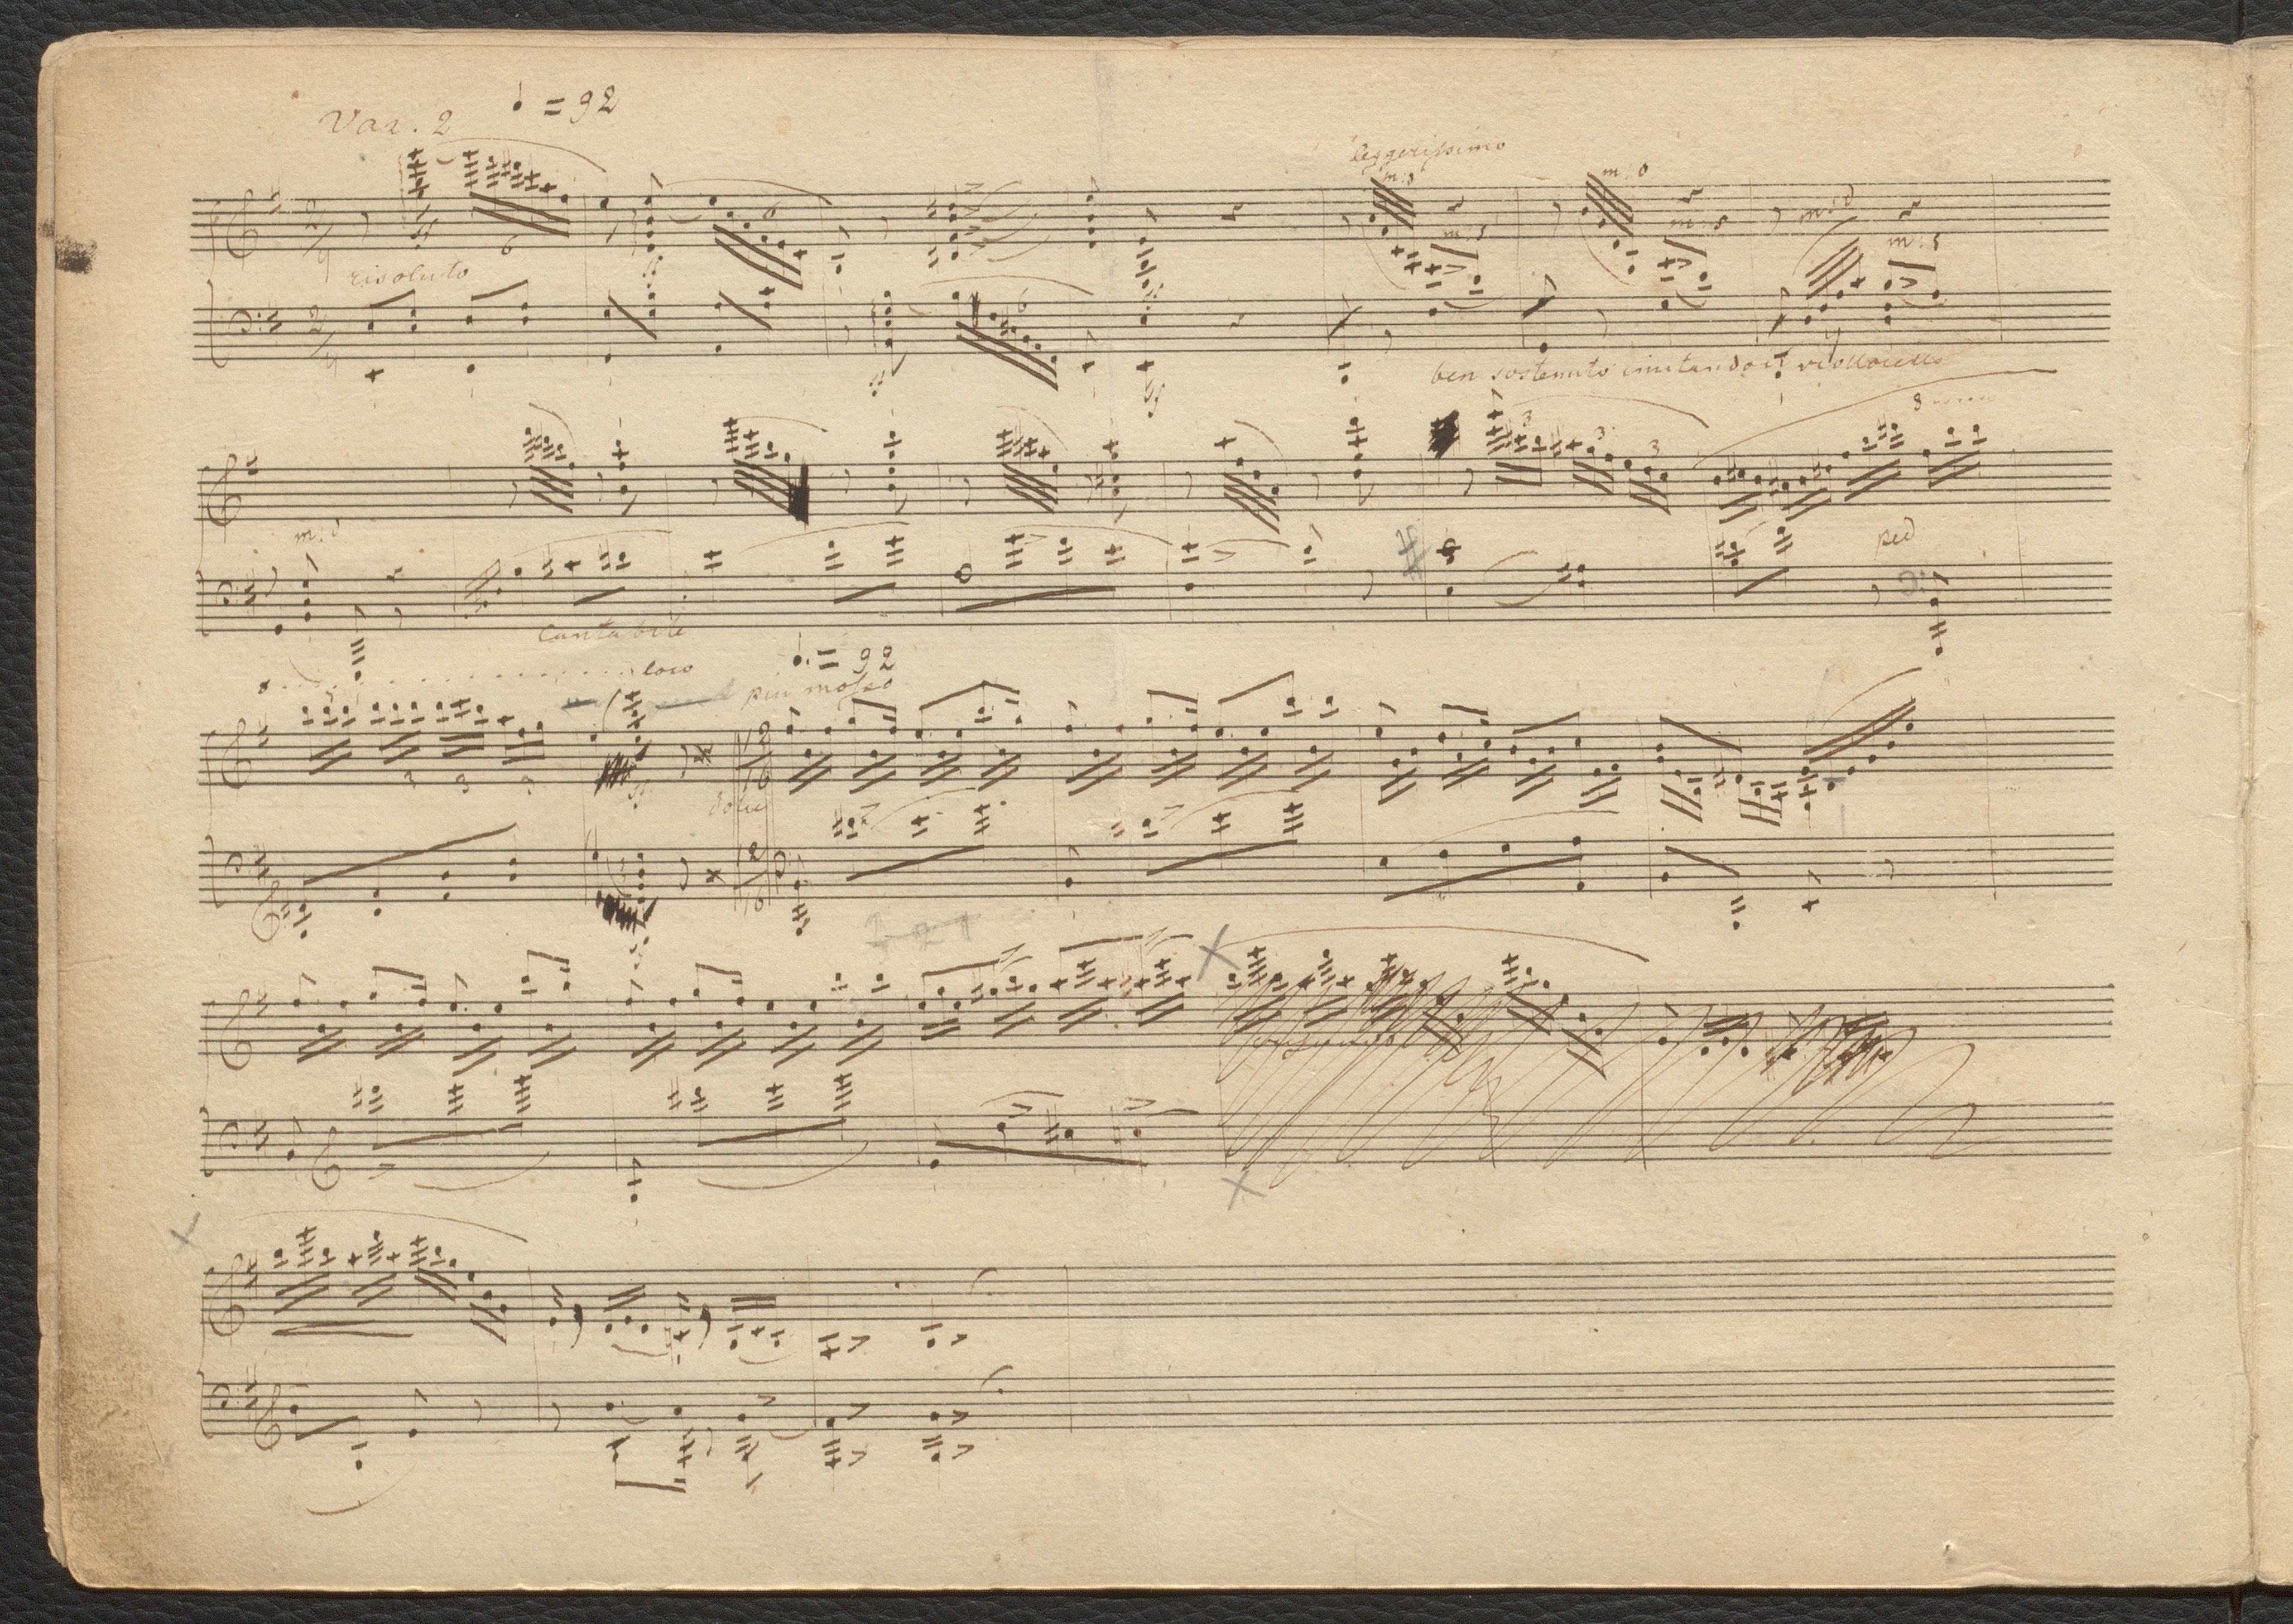 Поэзия в творчестве Русских композиторв 19 века